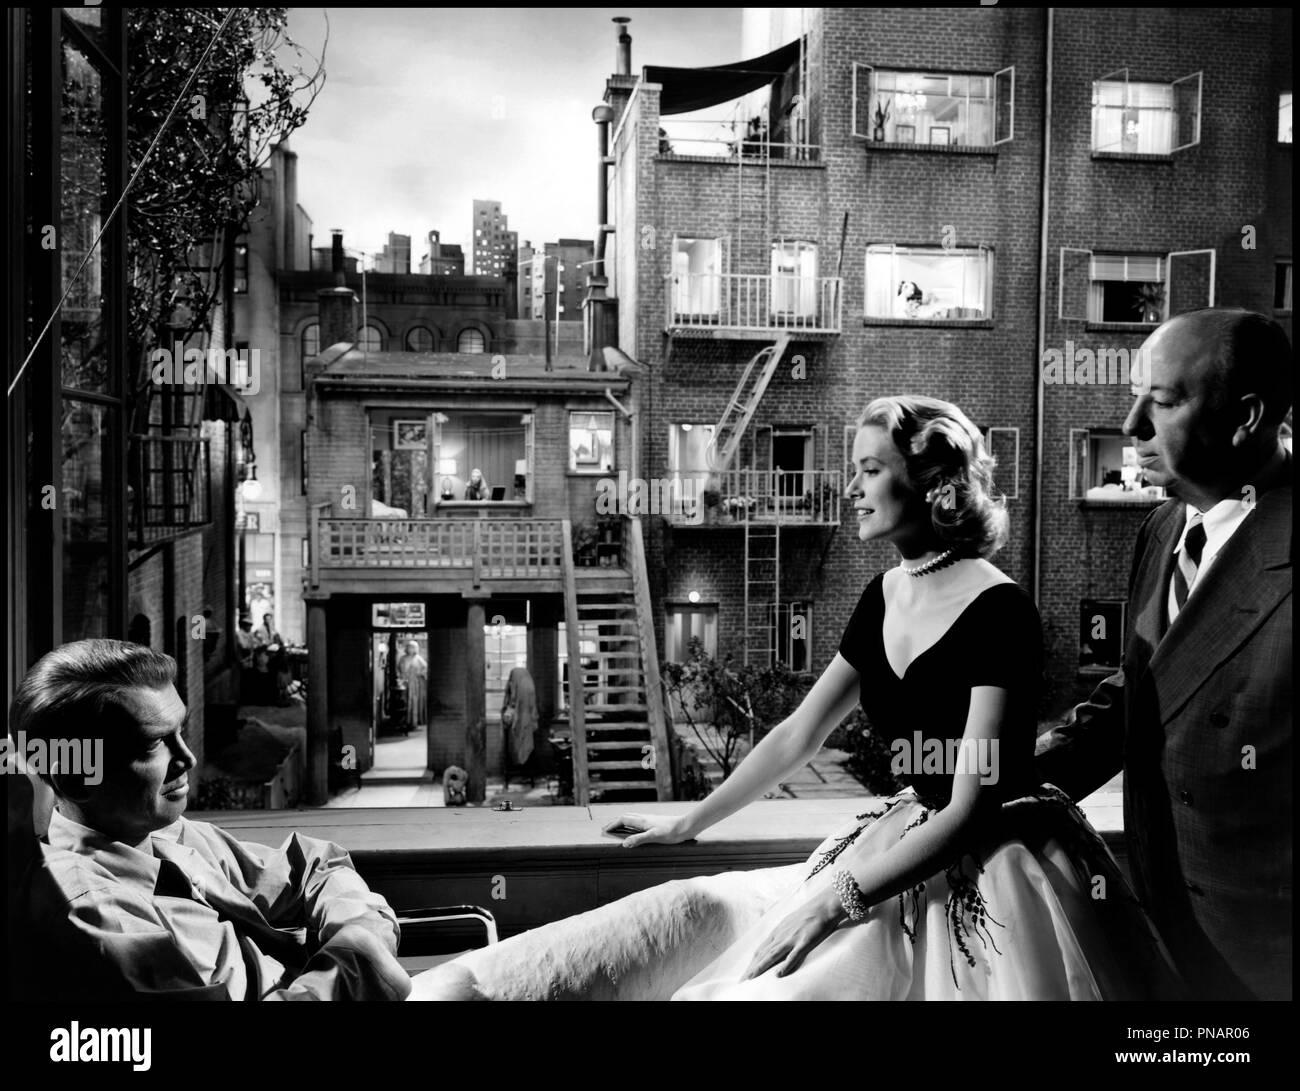 Prod DB © Paramount / DR FENETRE SUR COUR (REAR WINDOW) de Alfred Hitchcock 1954 USA tournage avec James Stewart, Grace Kelly et Alfred Hitchcock decor, elegance feminine d'apres Cornell Woolrich classique - Stock Image